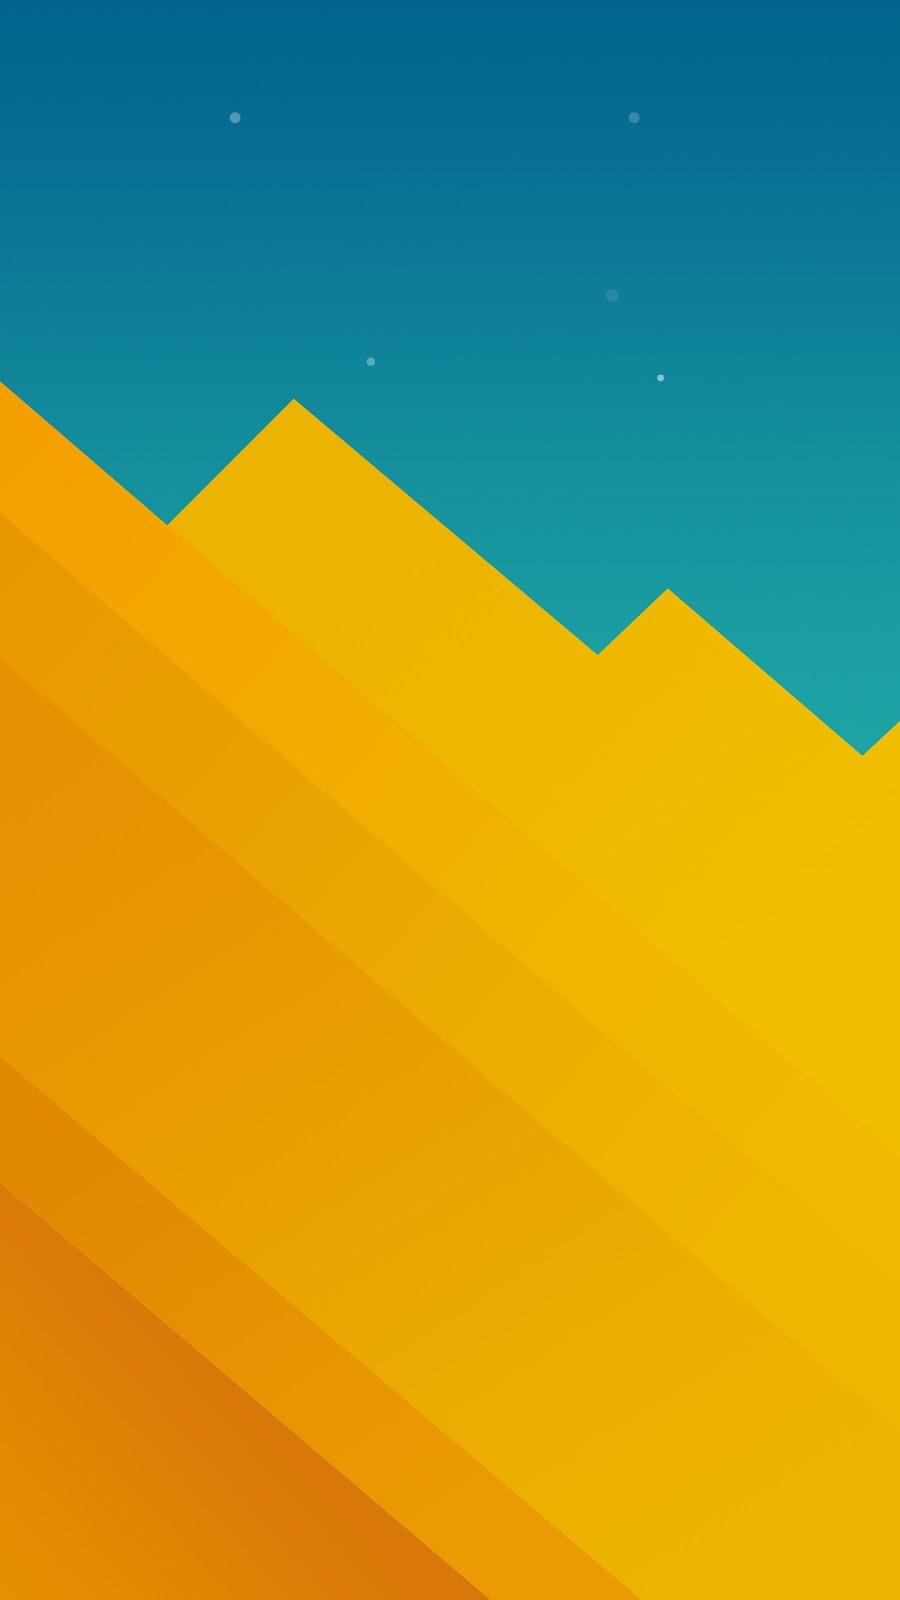 Yellow Edge